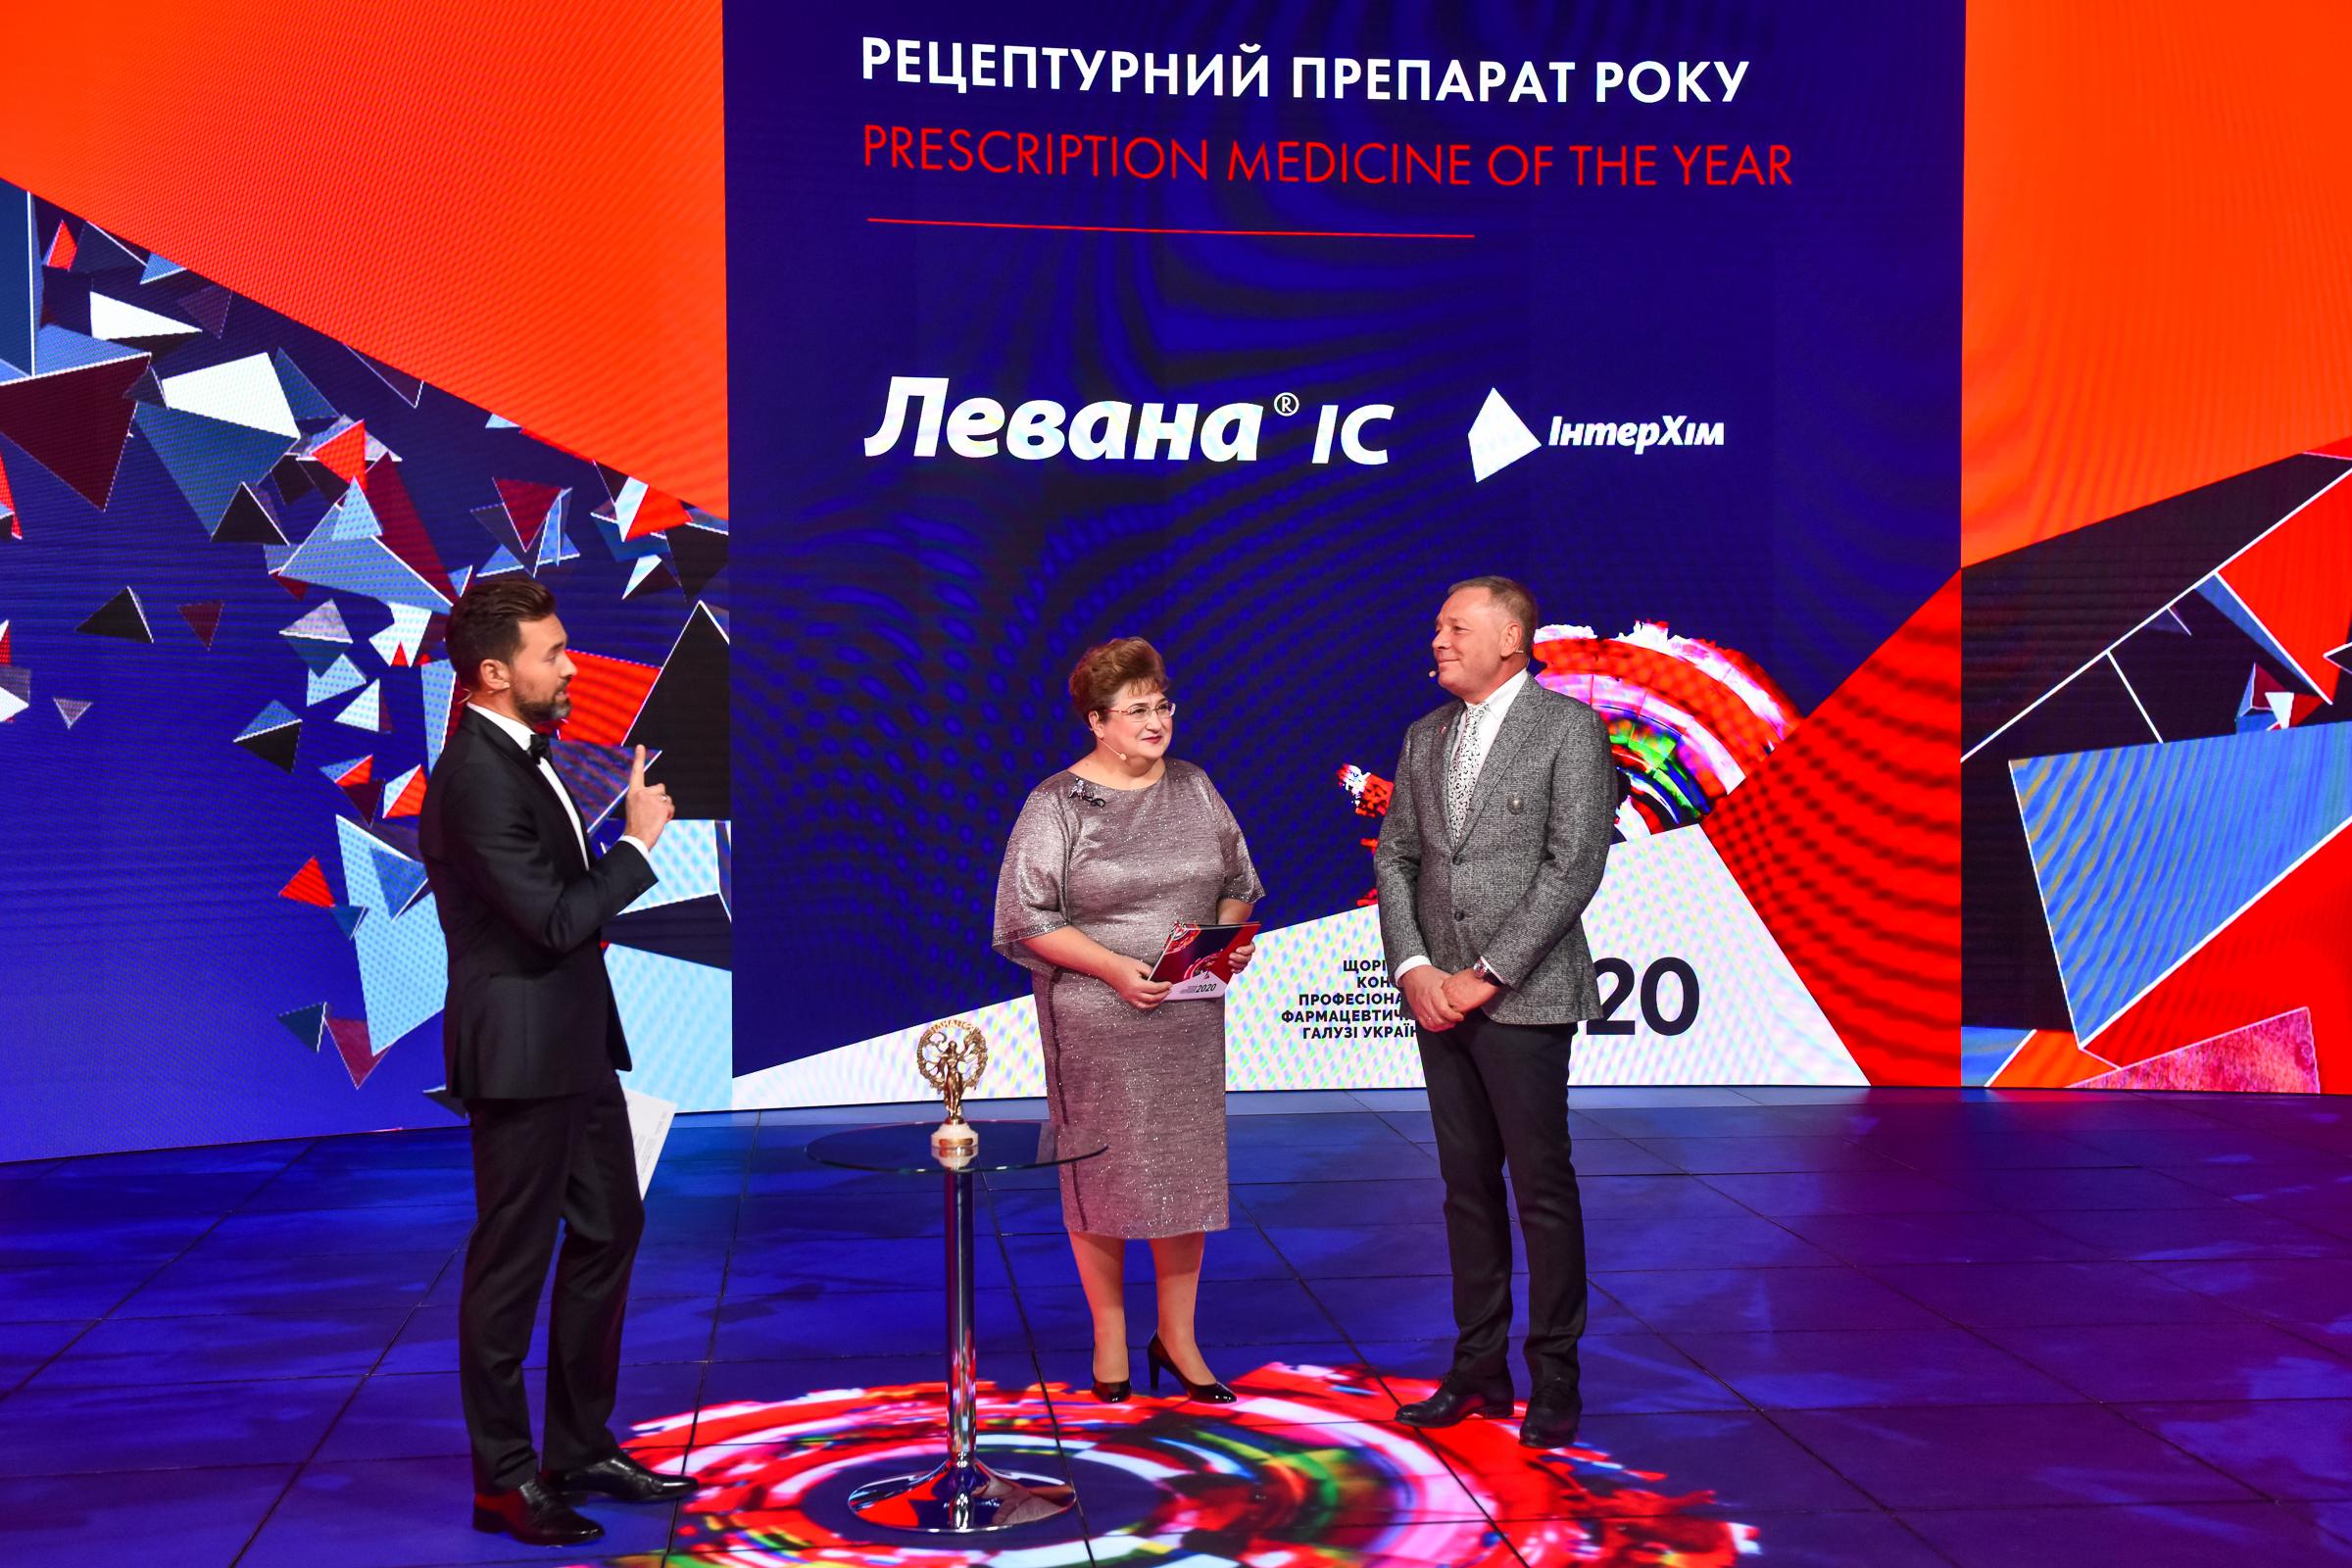 Анатолий Редер Панацея 2020 Левана ІС